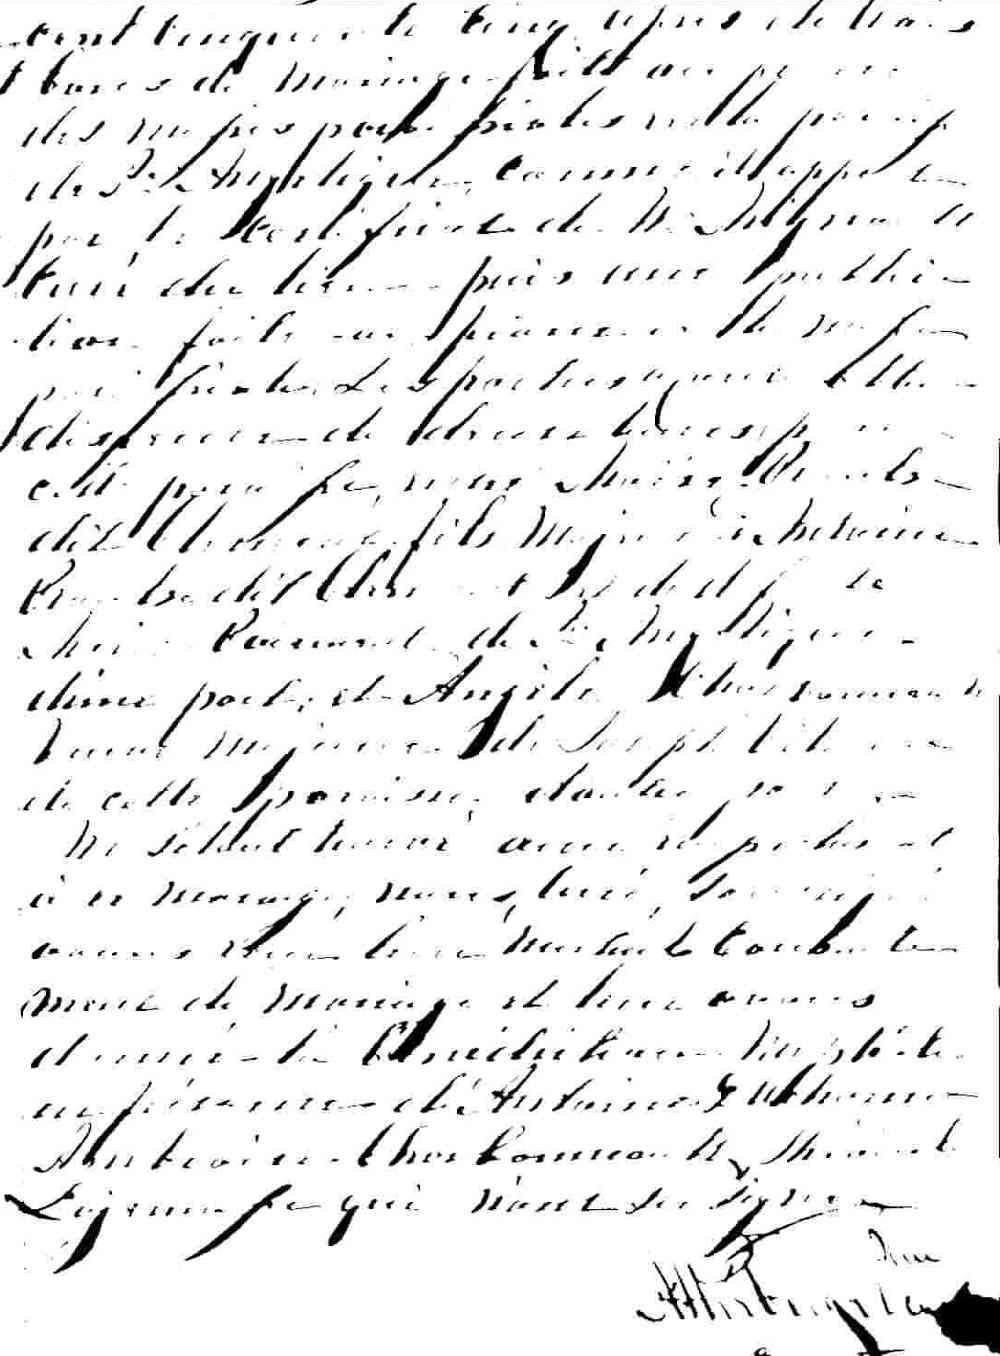 mariage de vangliste proulx et adline baulne le 22 septembre 1856 - Mariage Evangeliste